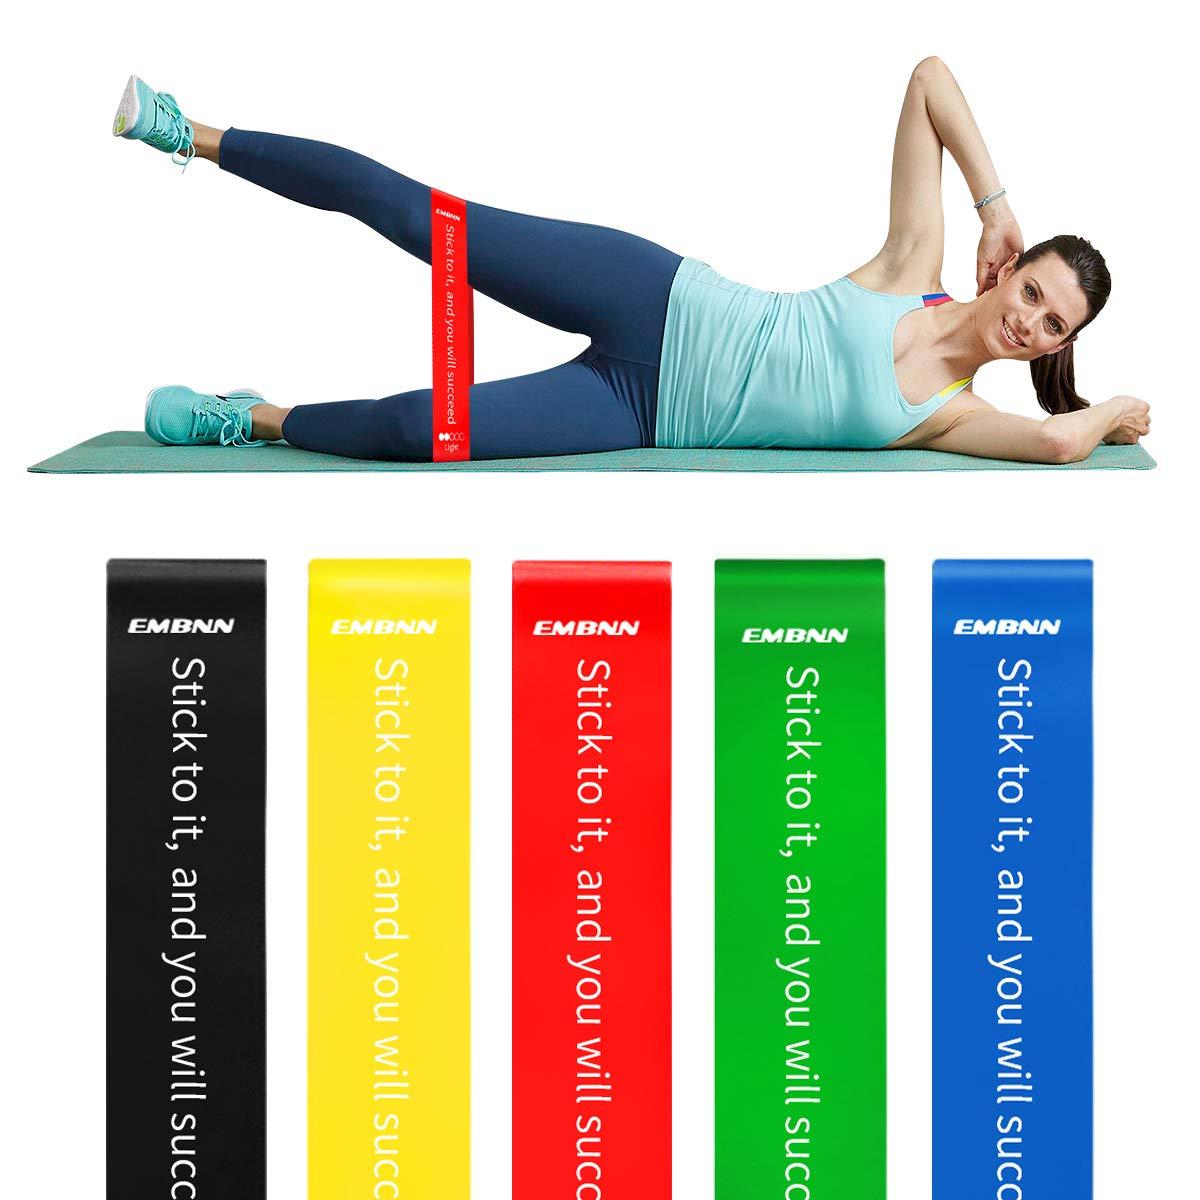 納得できる割引 embnn抵抗ループ運動バンドfor Legs and Butt、5のセット用ワークアウトバンドホームフィットネス、ヨガ、ピラティス B07CGD34M1 -、ストレッチリハビリトレーニング、物理療法 Slogan B07CGD34M1 A:Funda - Slogan A:Funda - Slogan, のぼり看板専門店ラビットサイン:b3742f35 --- beyonddefeat.com